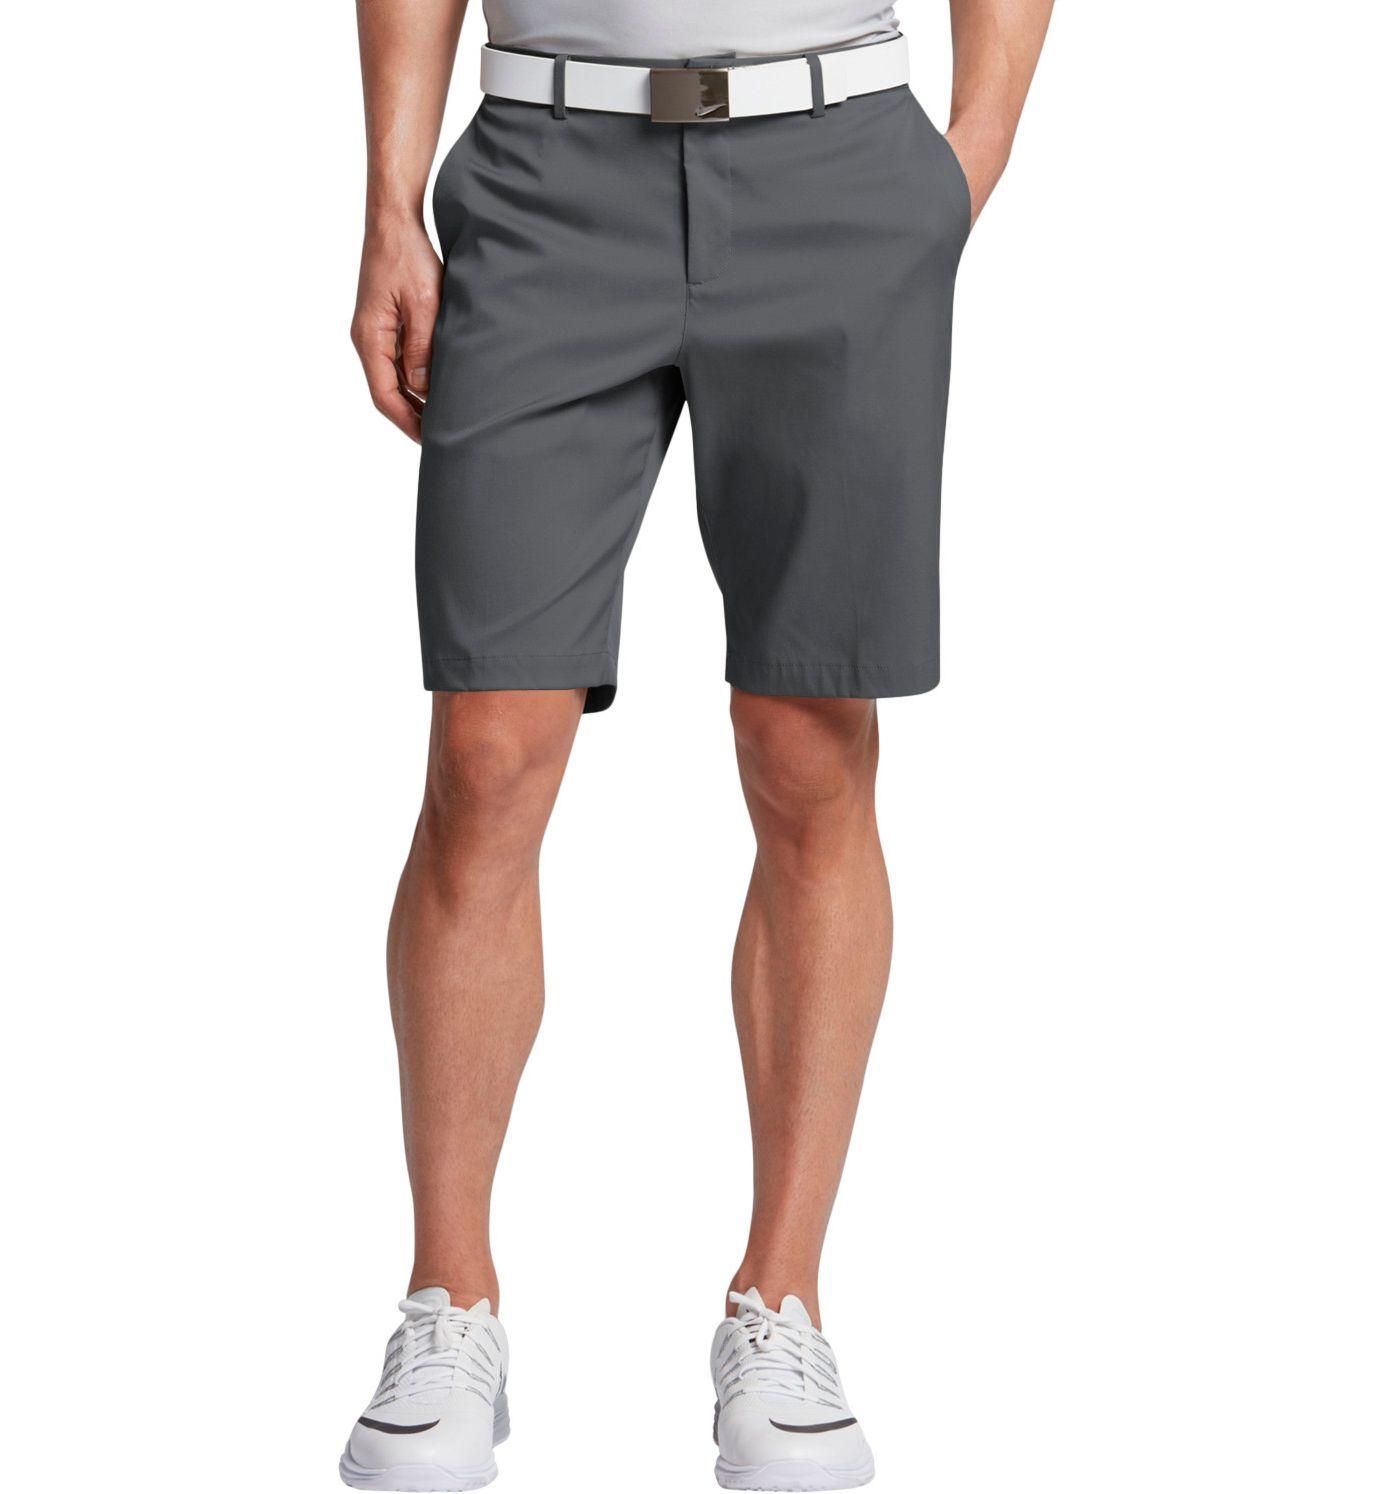 Nike Flat Front Shorts